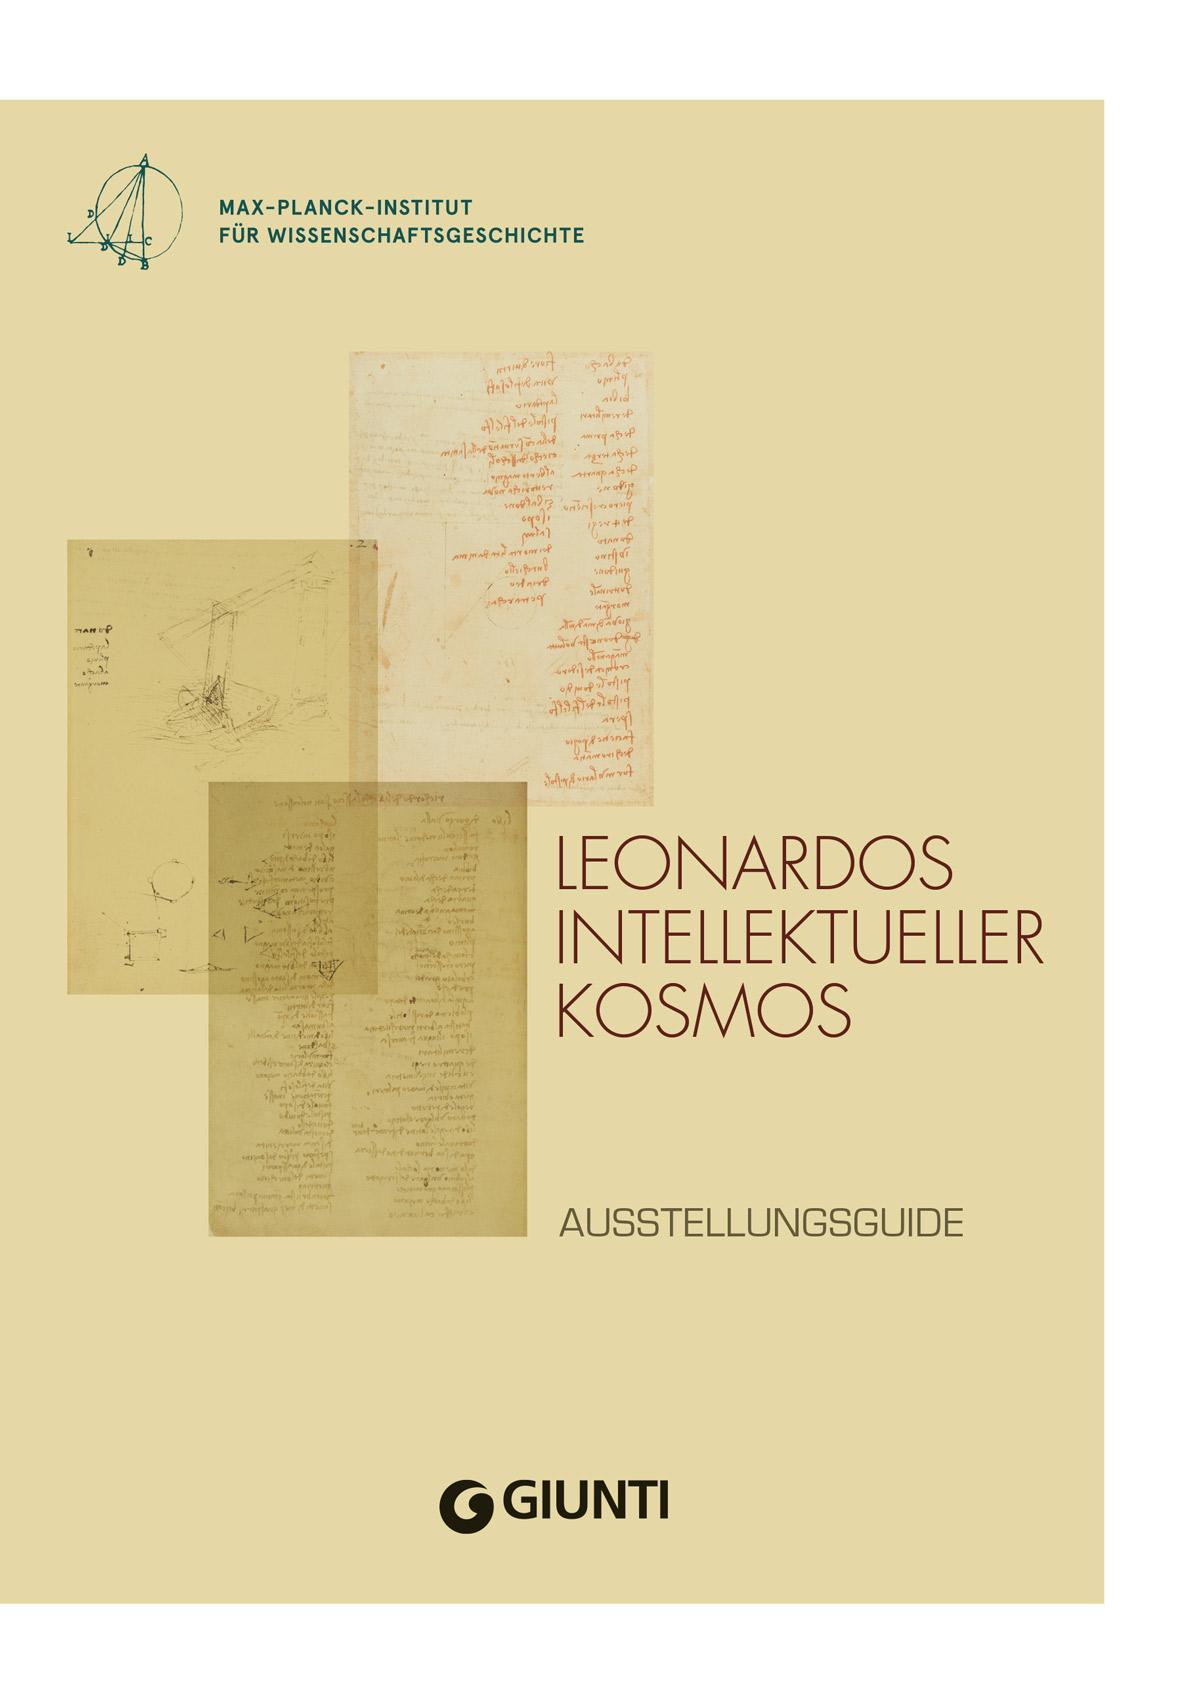 Leonardos Intellektueller Kosmos - Ausstellungsguide